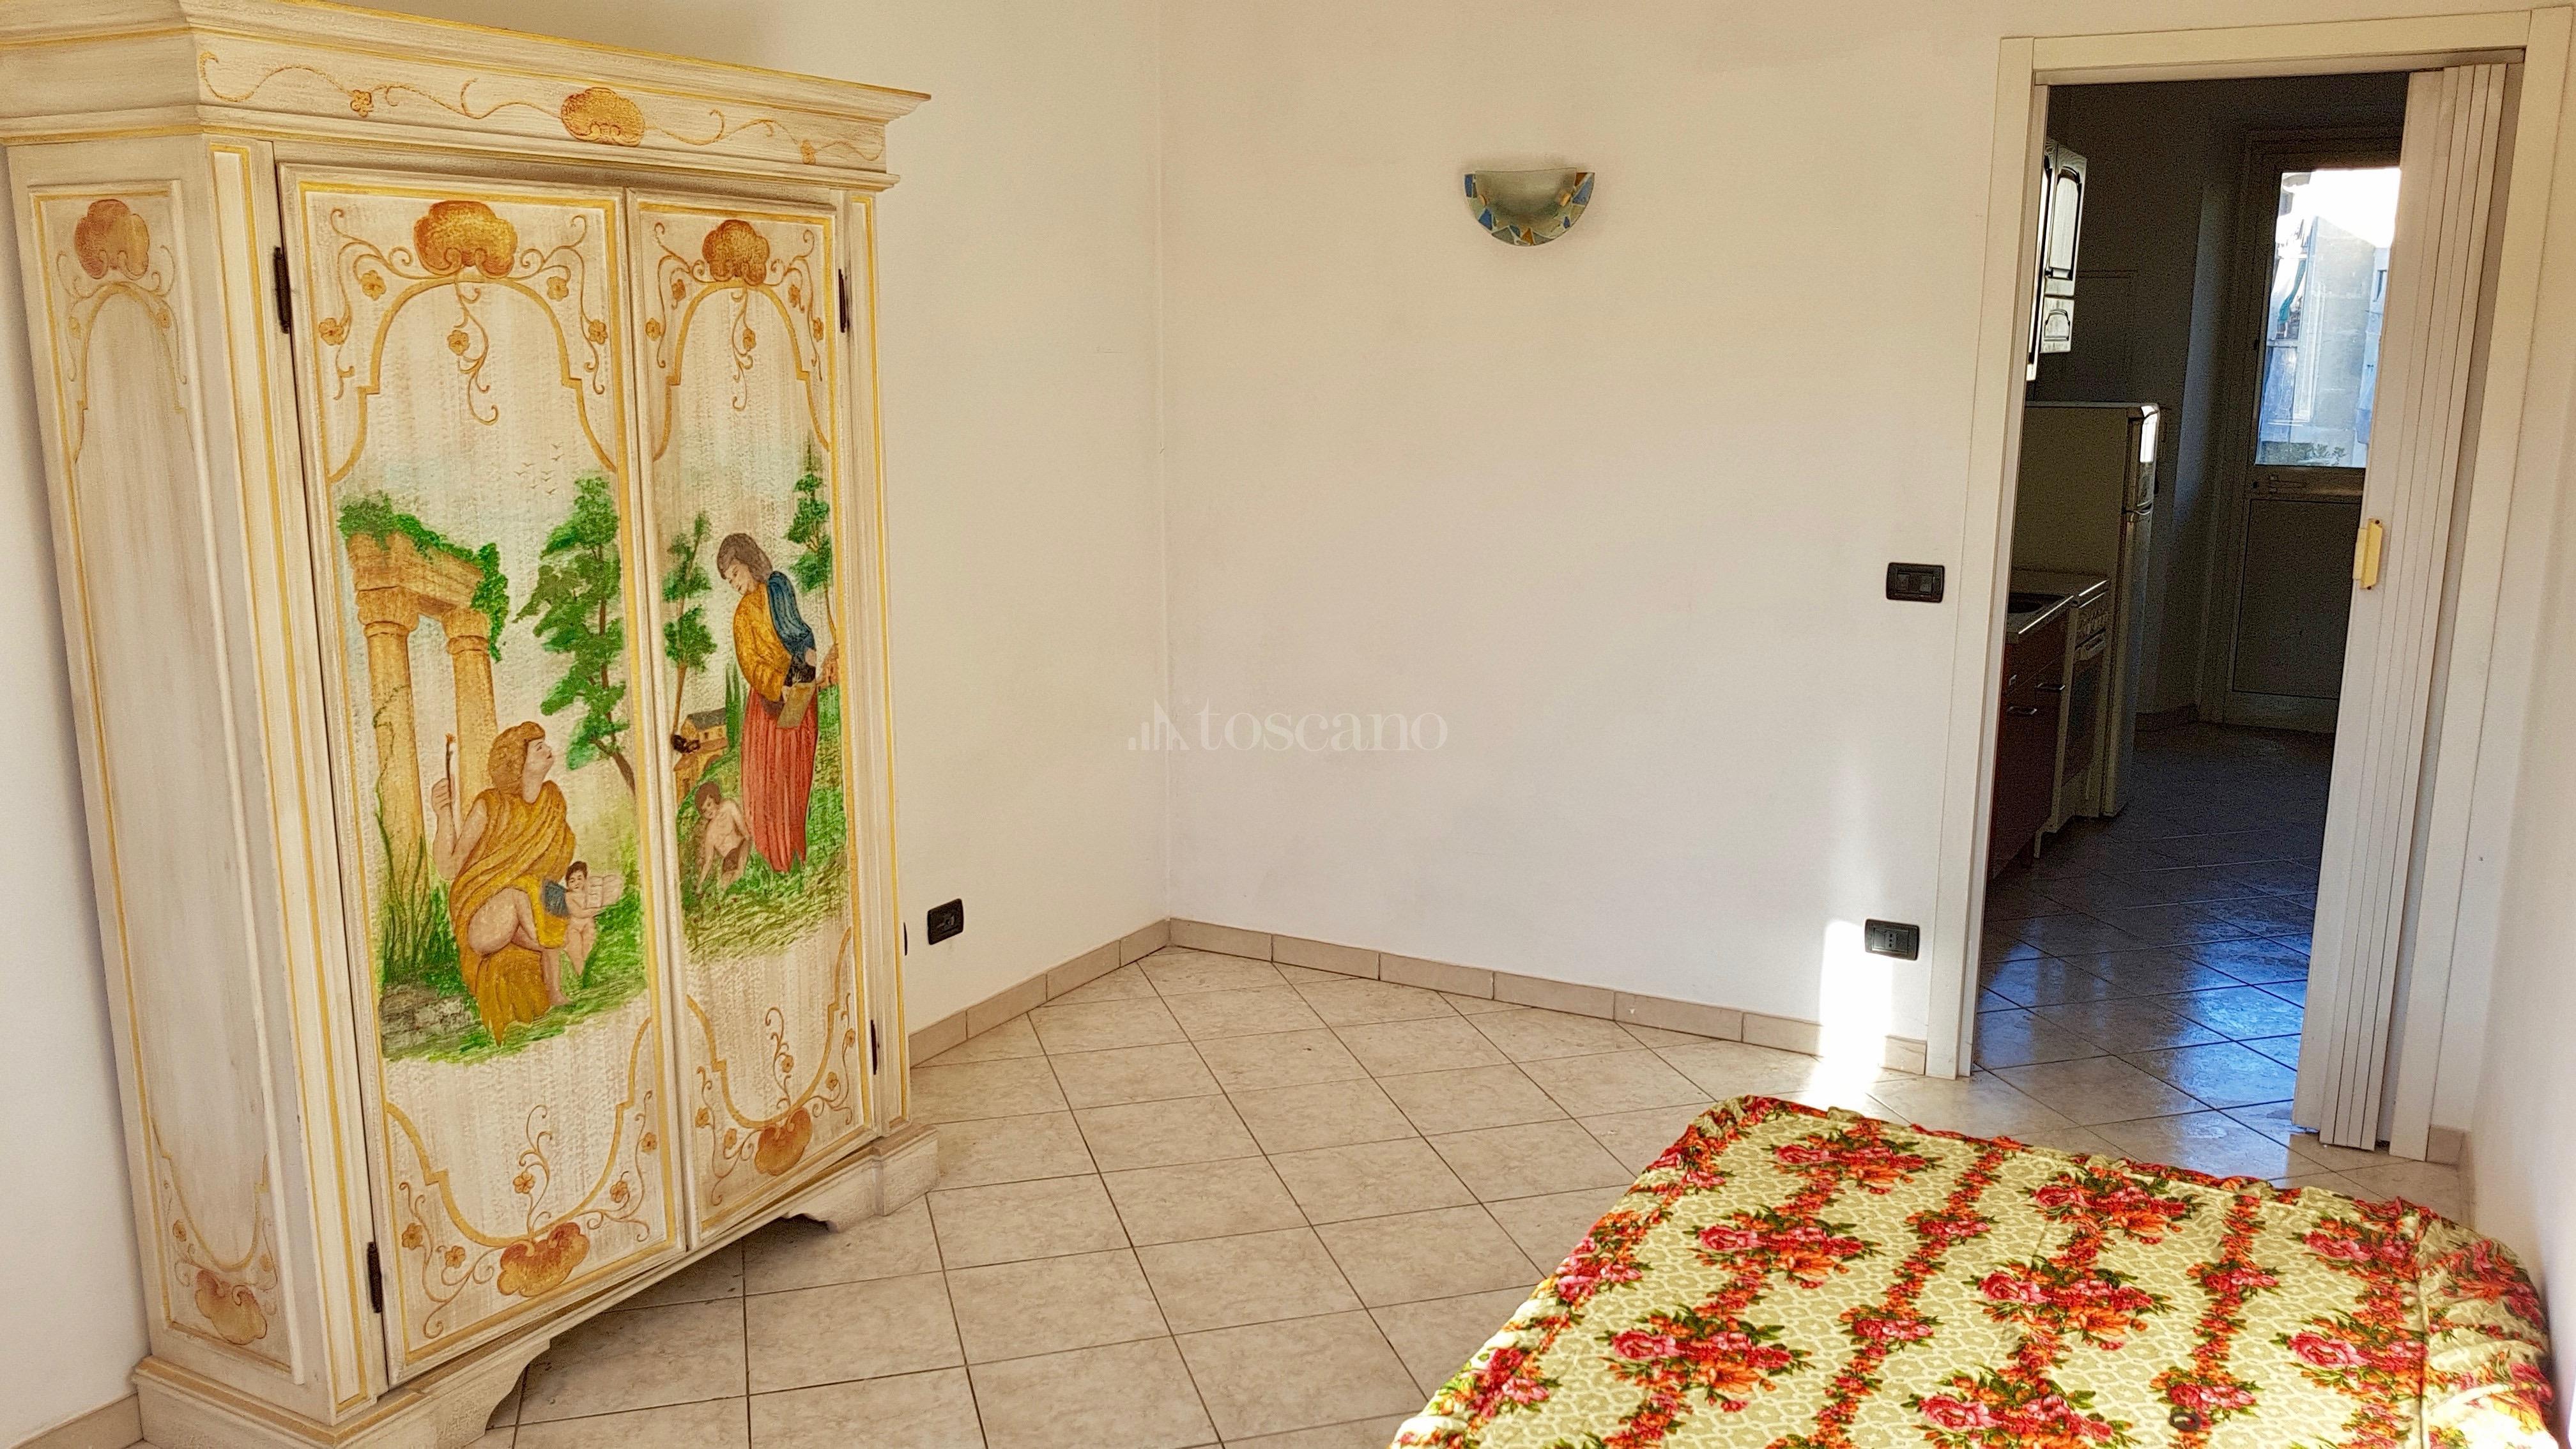 Ufficio Casa Orbassano : Residenza per anziani torino orbassano casa di riposo san